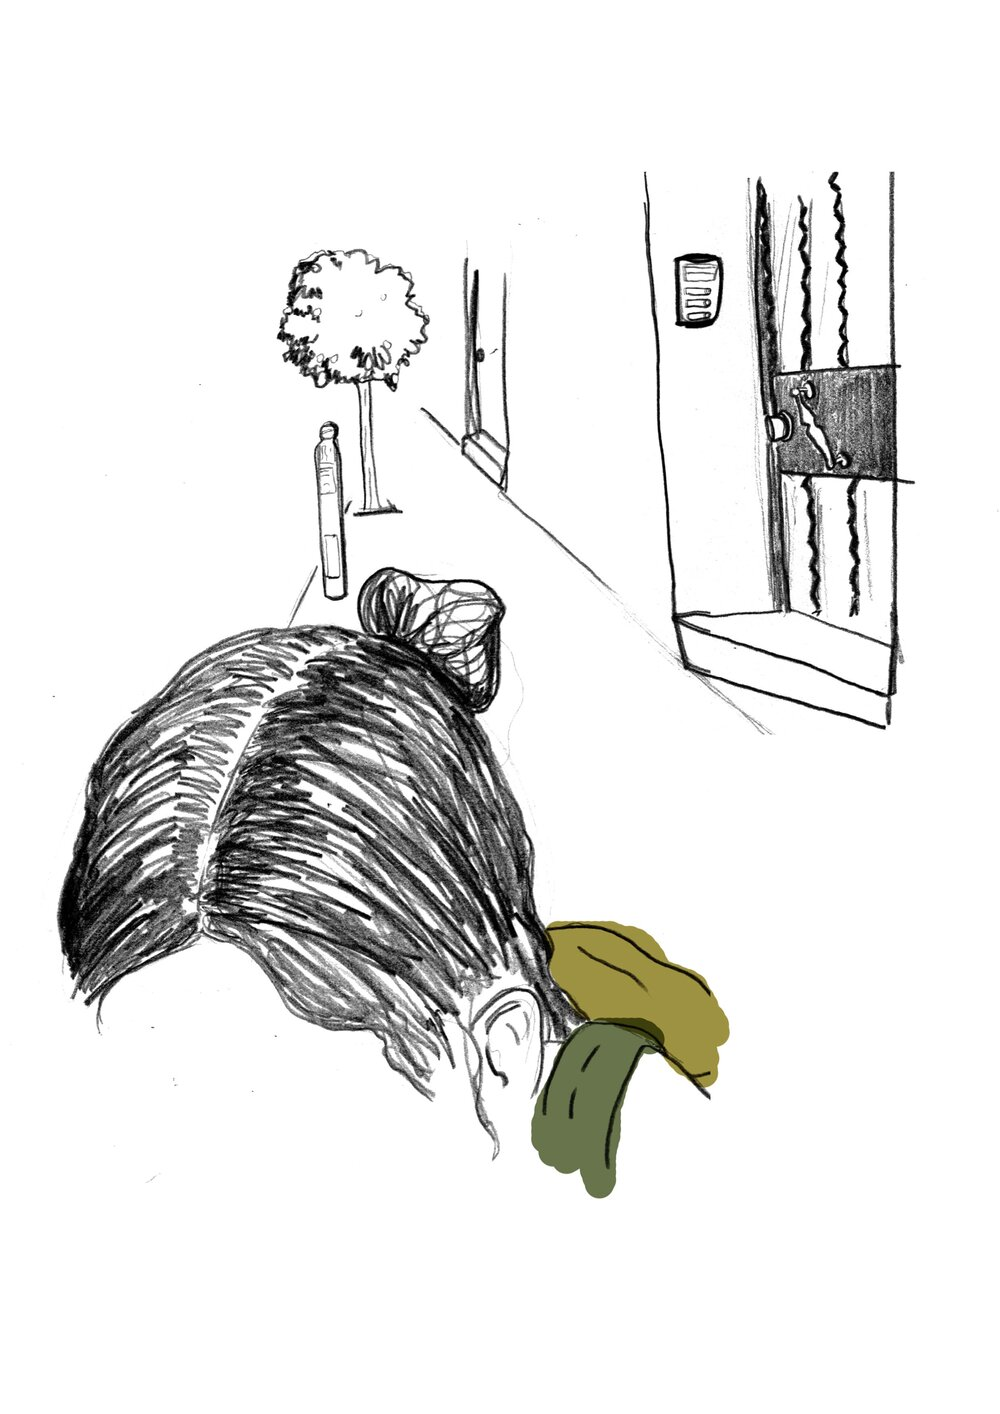 He salido de casa pensando, esperando encontrarme con carmina. Allí estaba, hoy sin chubasquero. La lluvia ha dado tregua, por ahora. Con su carrito de la compra azul, a modo de andador, y un revuelo de palomas inquietas que le seguía. Me recuerda a una escena de  mary poppins , con acento andalúh, en la alameda. La he seguido, como una paloma más, me apetecía escucharla más conocerla más.